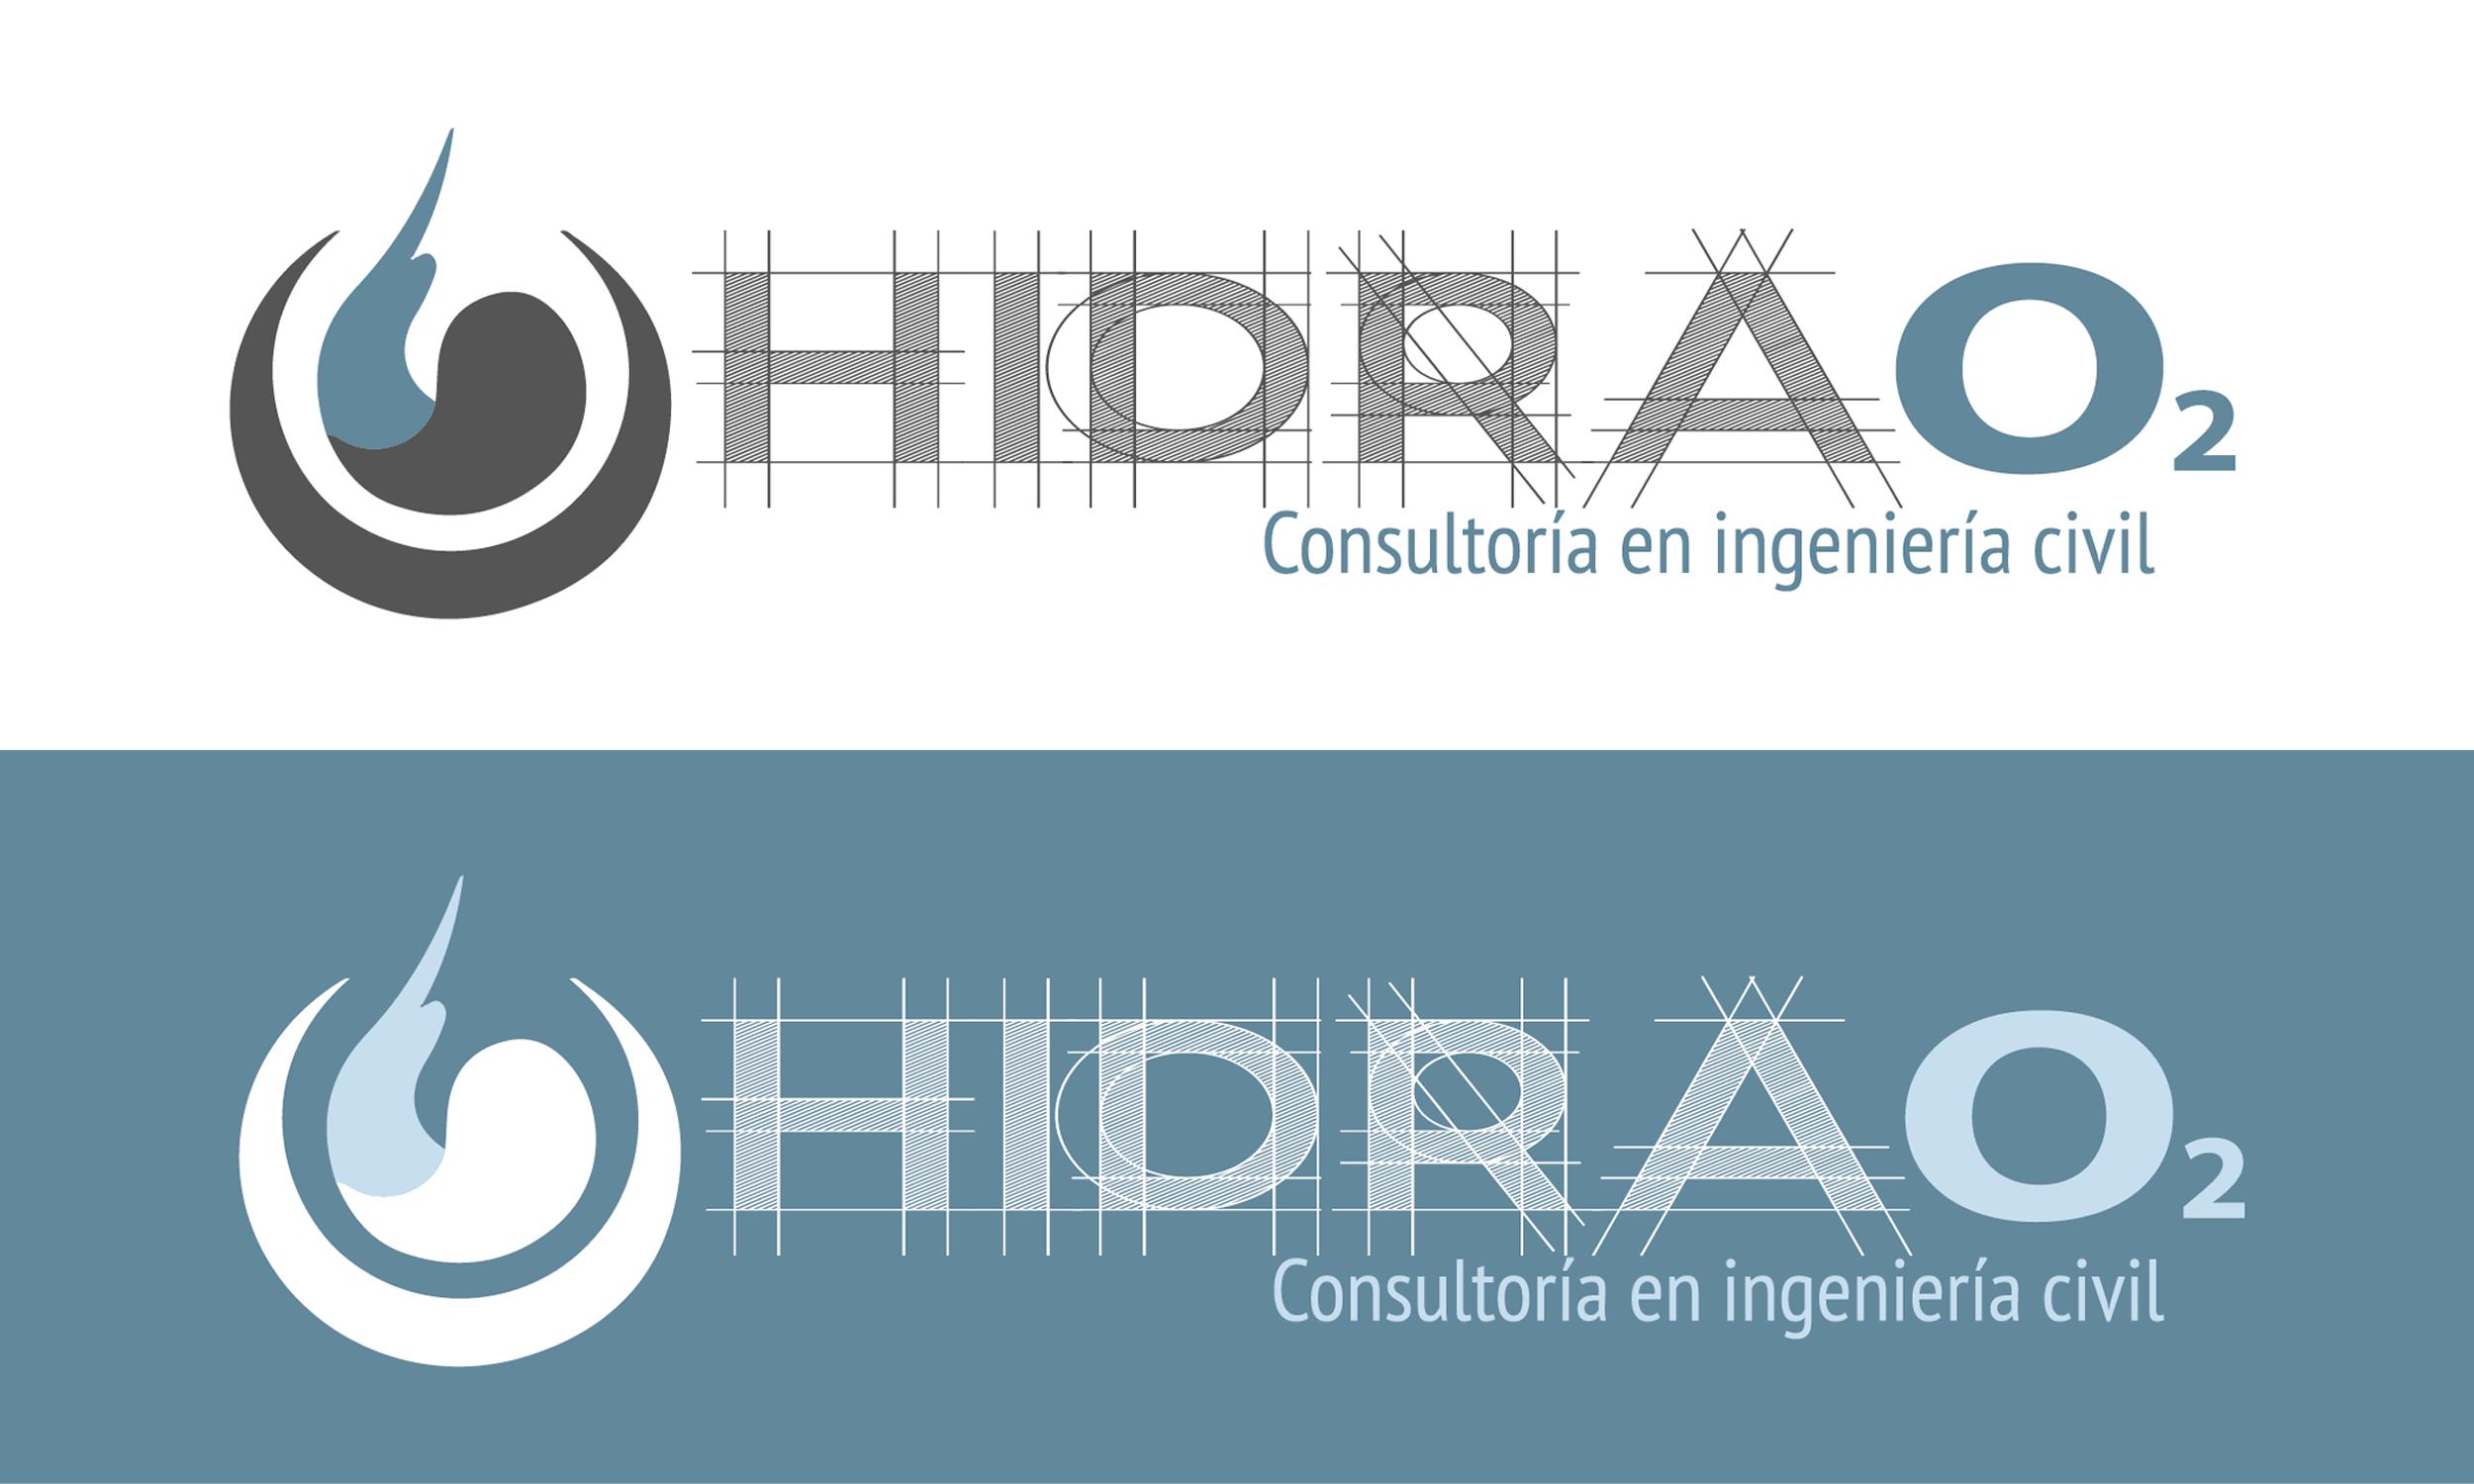 hidra logo - Consultoría hidraO2